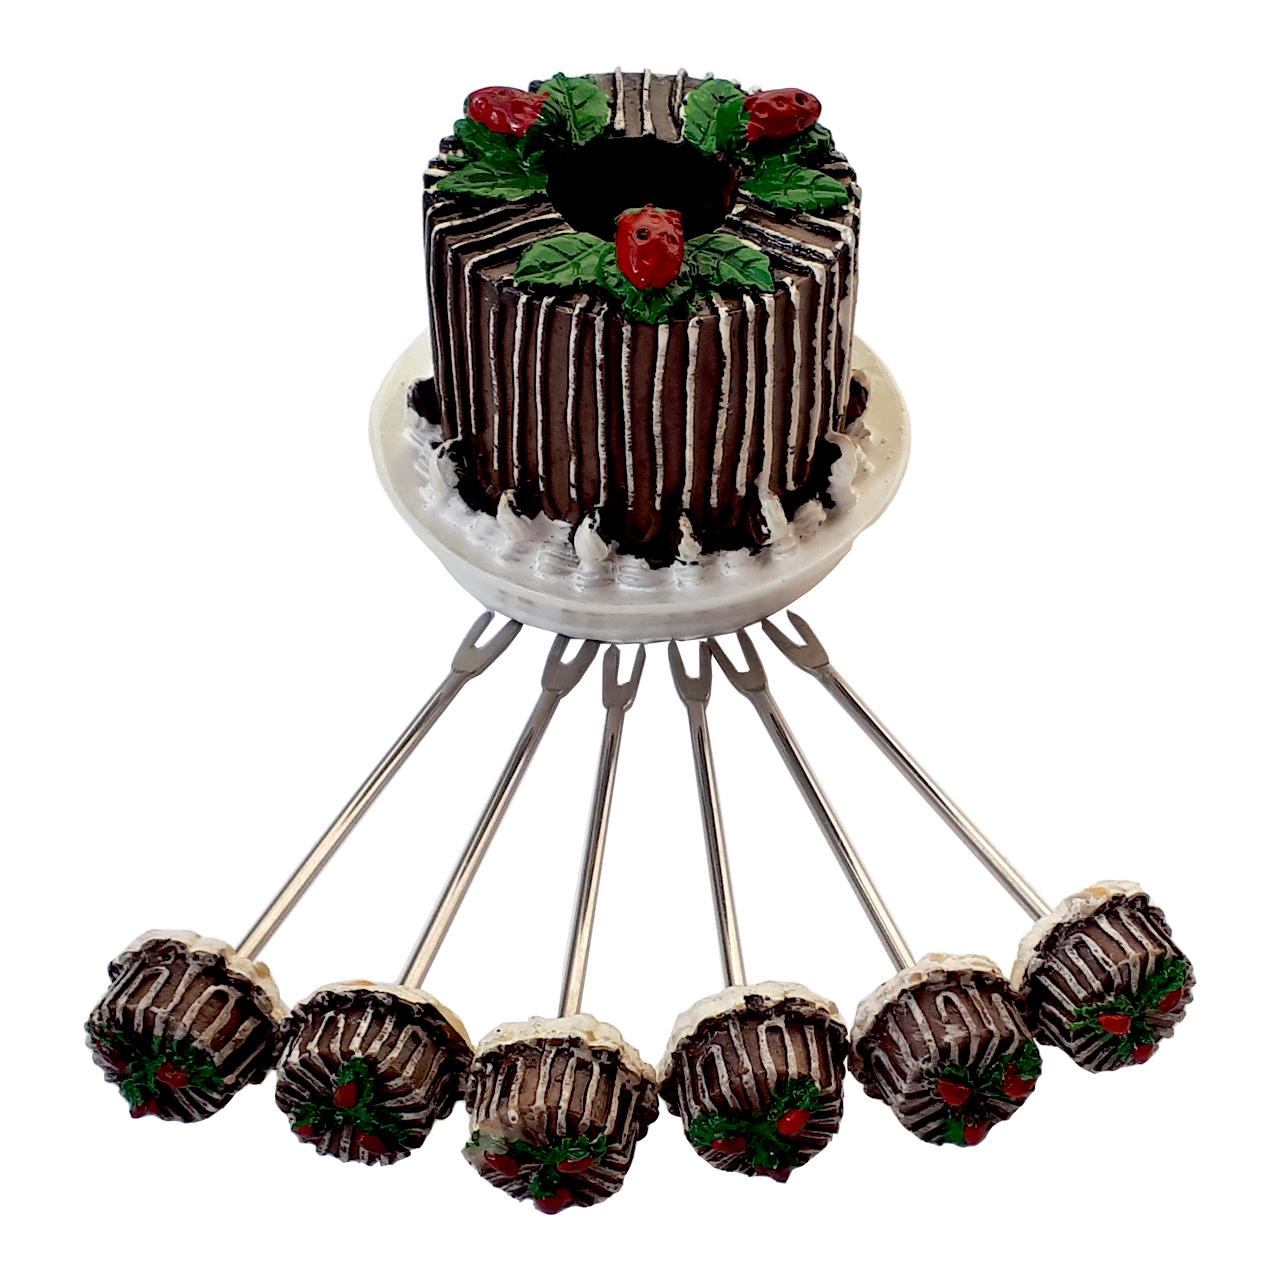 عکس زیتون خوری مدل کیک شکلاتی مجموعه 7 عددی